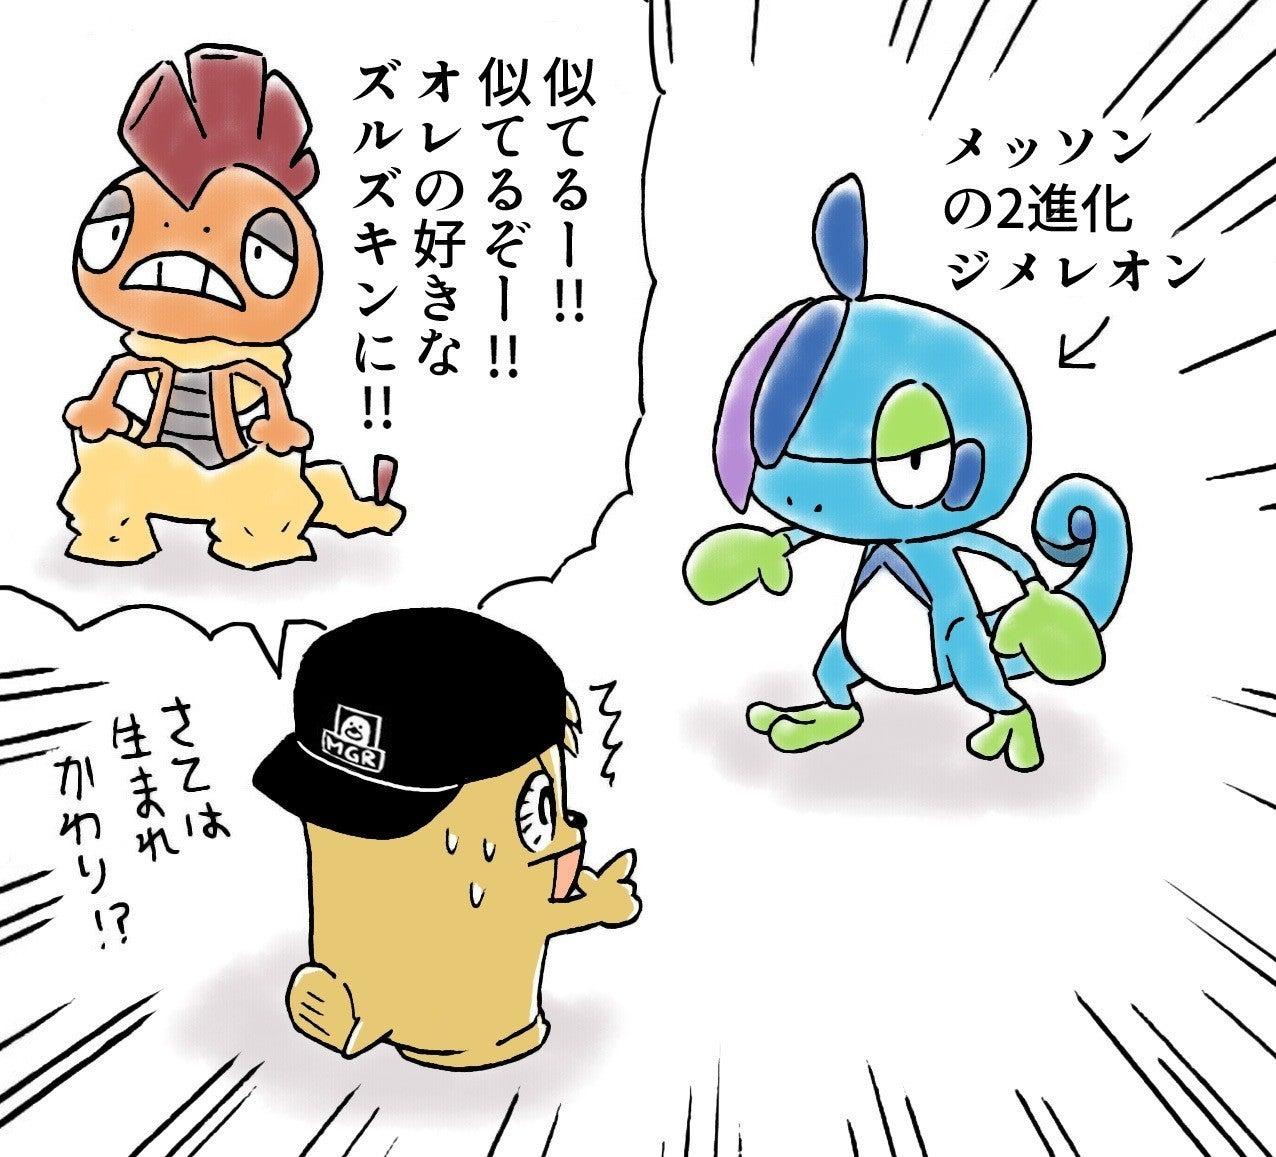 イラスト ポケモン 剣 盾